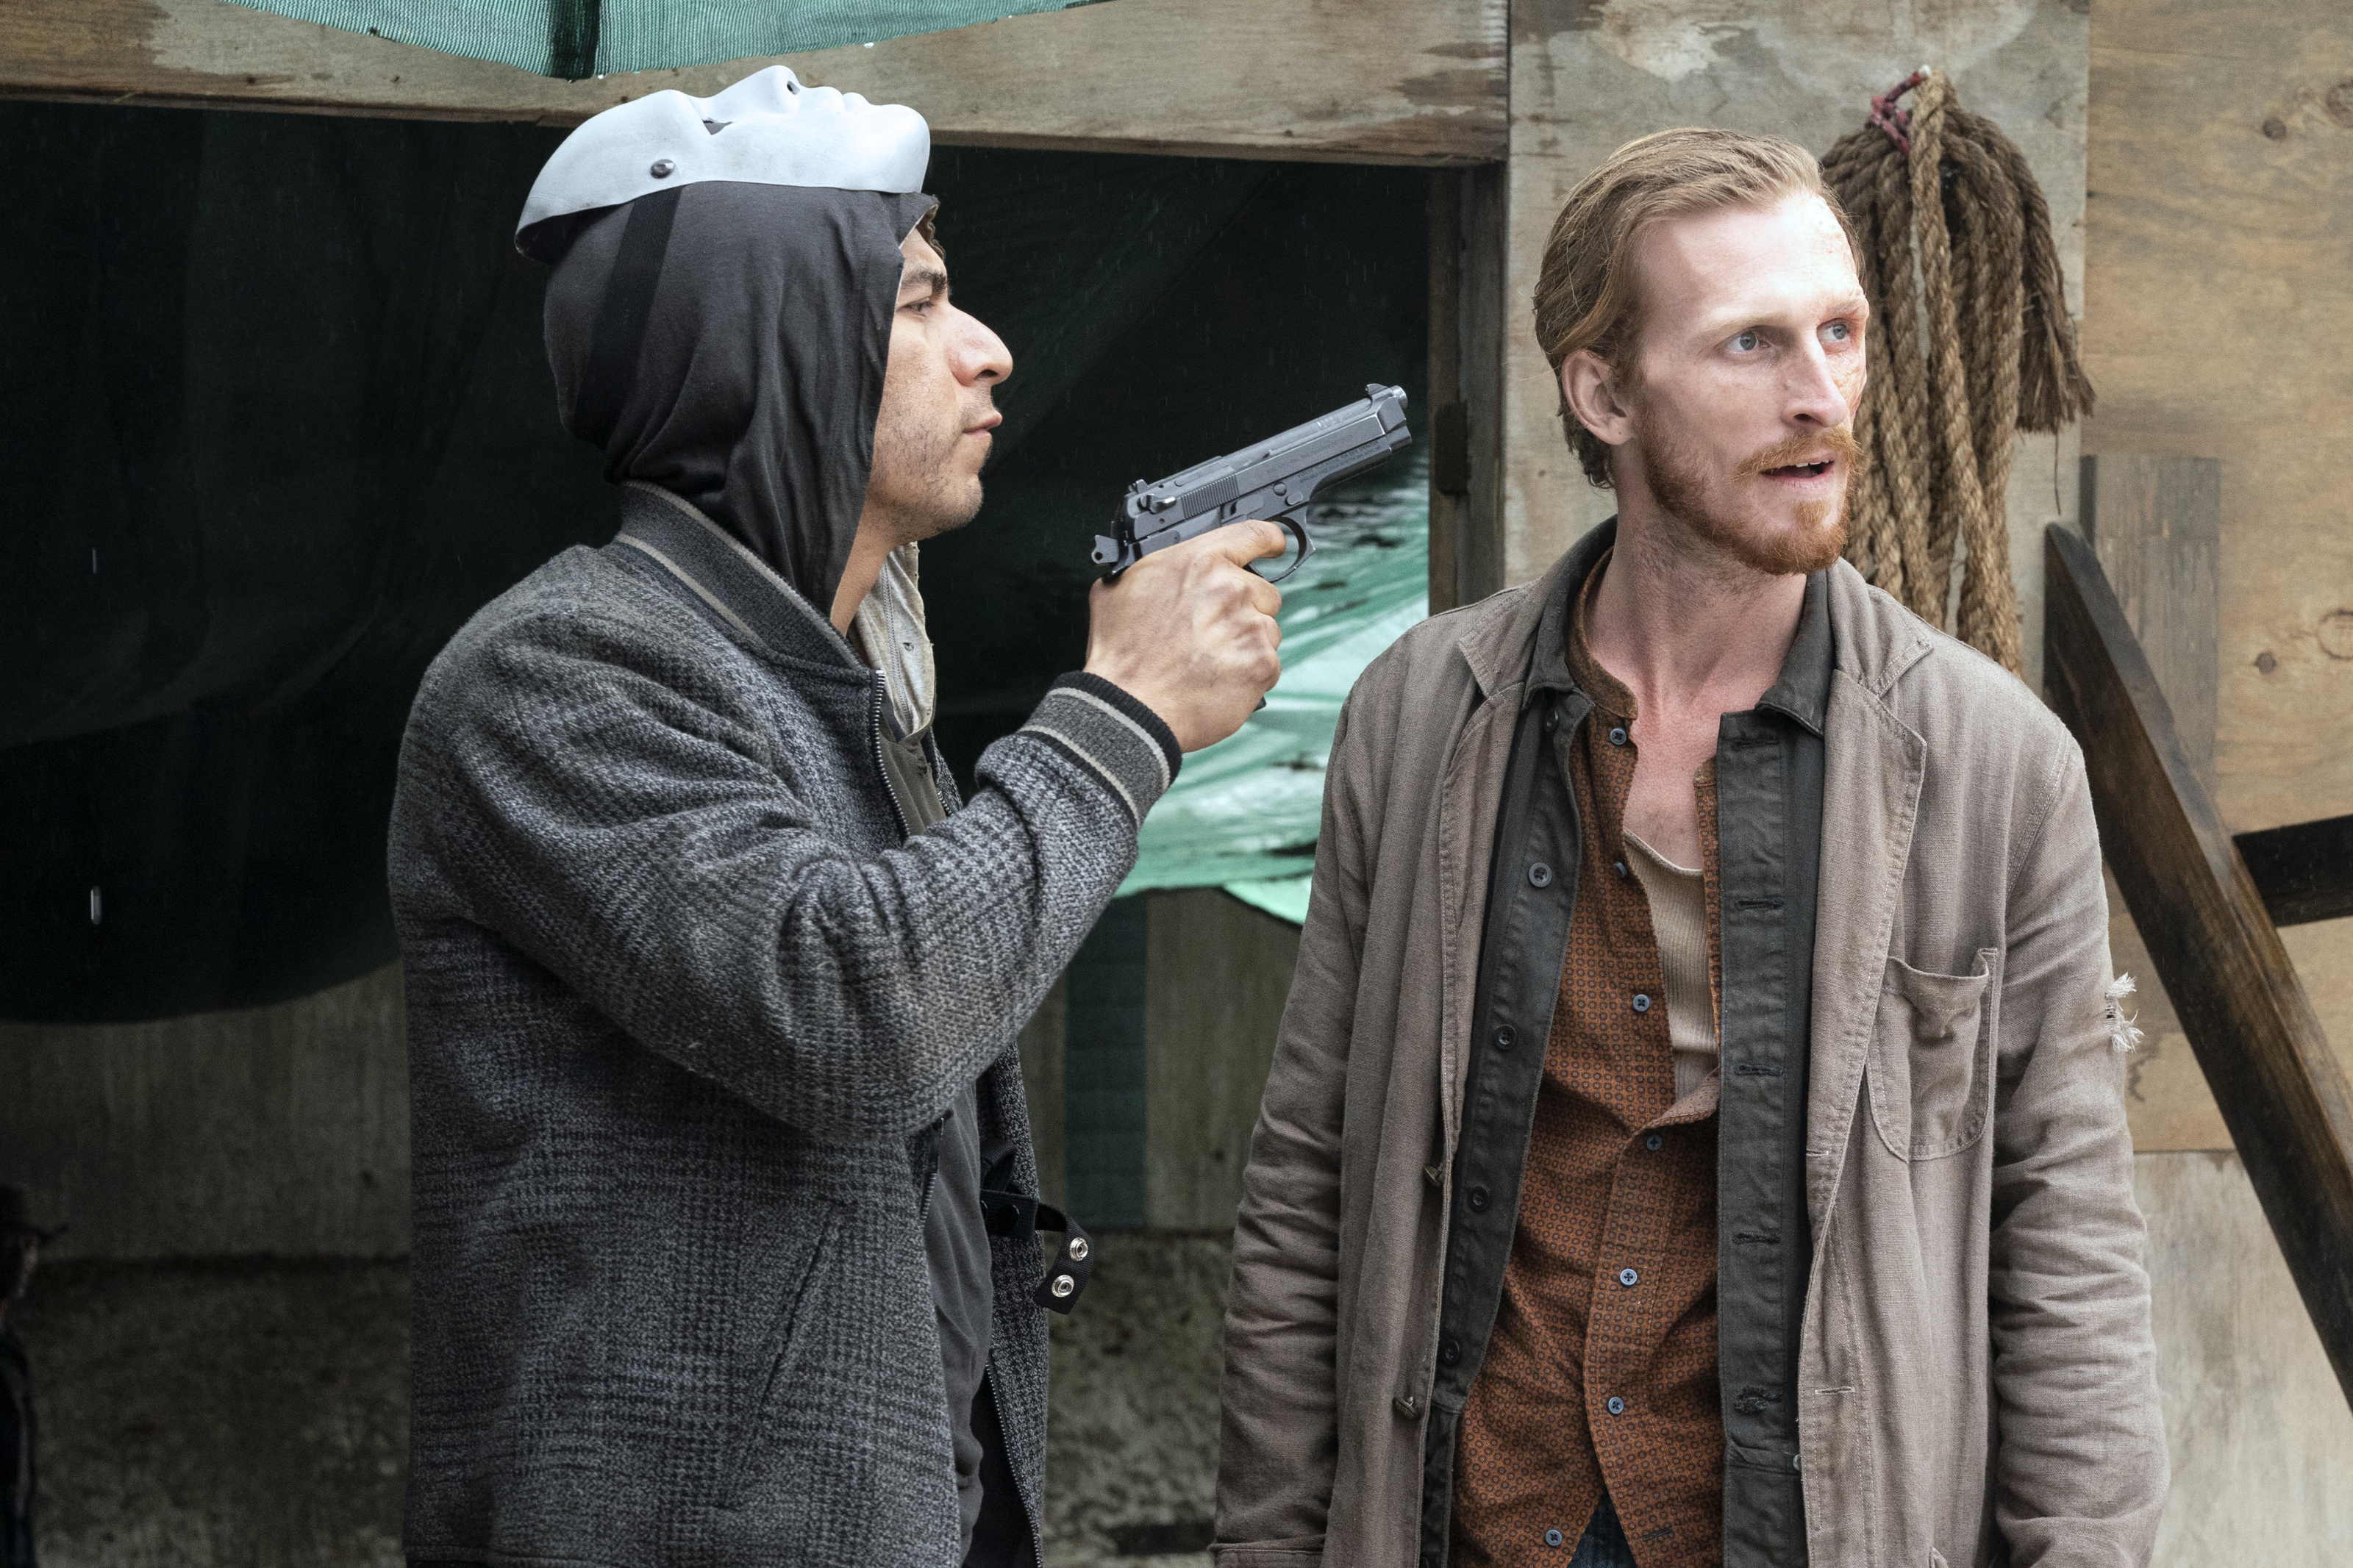 Fear The Walking Dead Season 6 Episode 5 Live Stream Watch Online